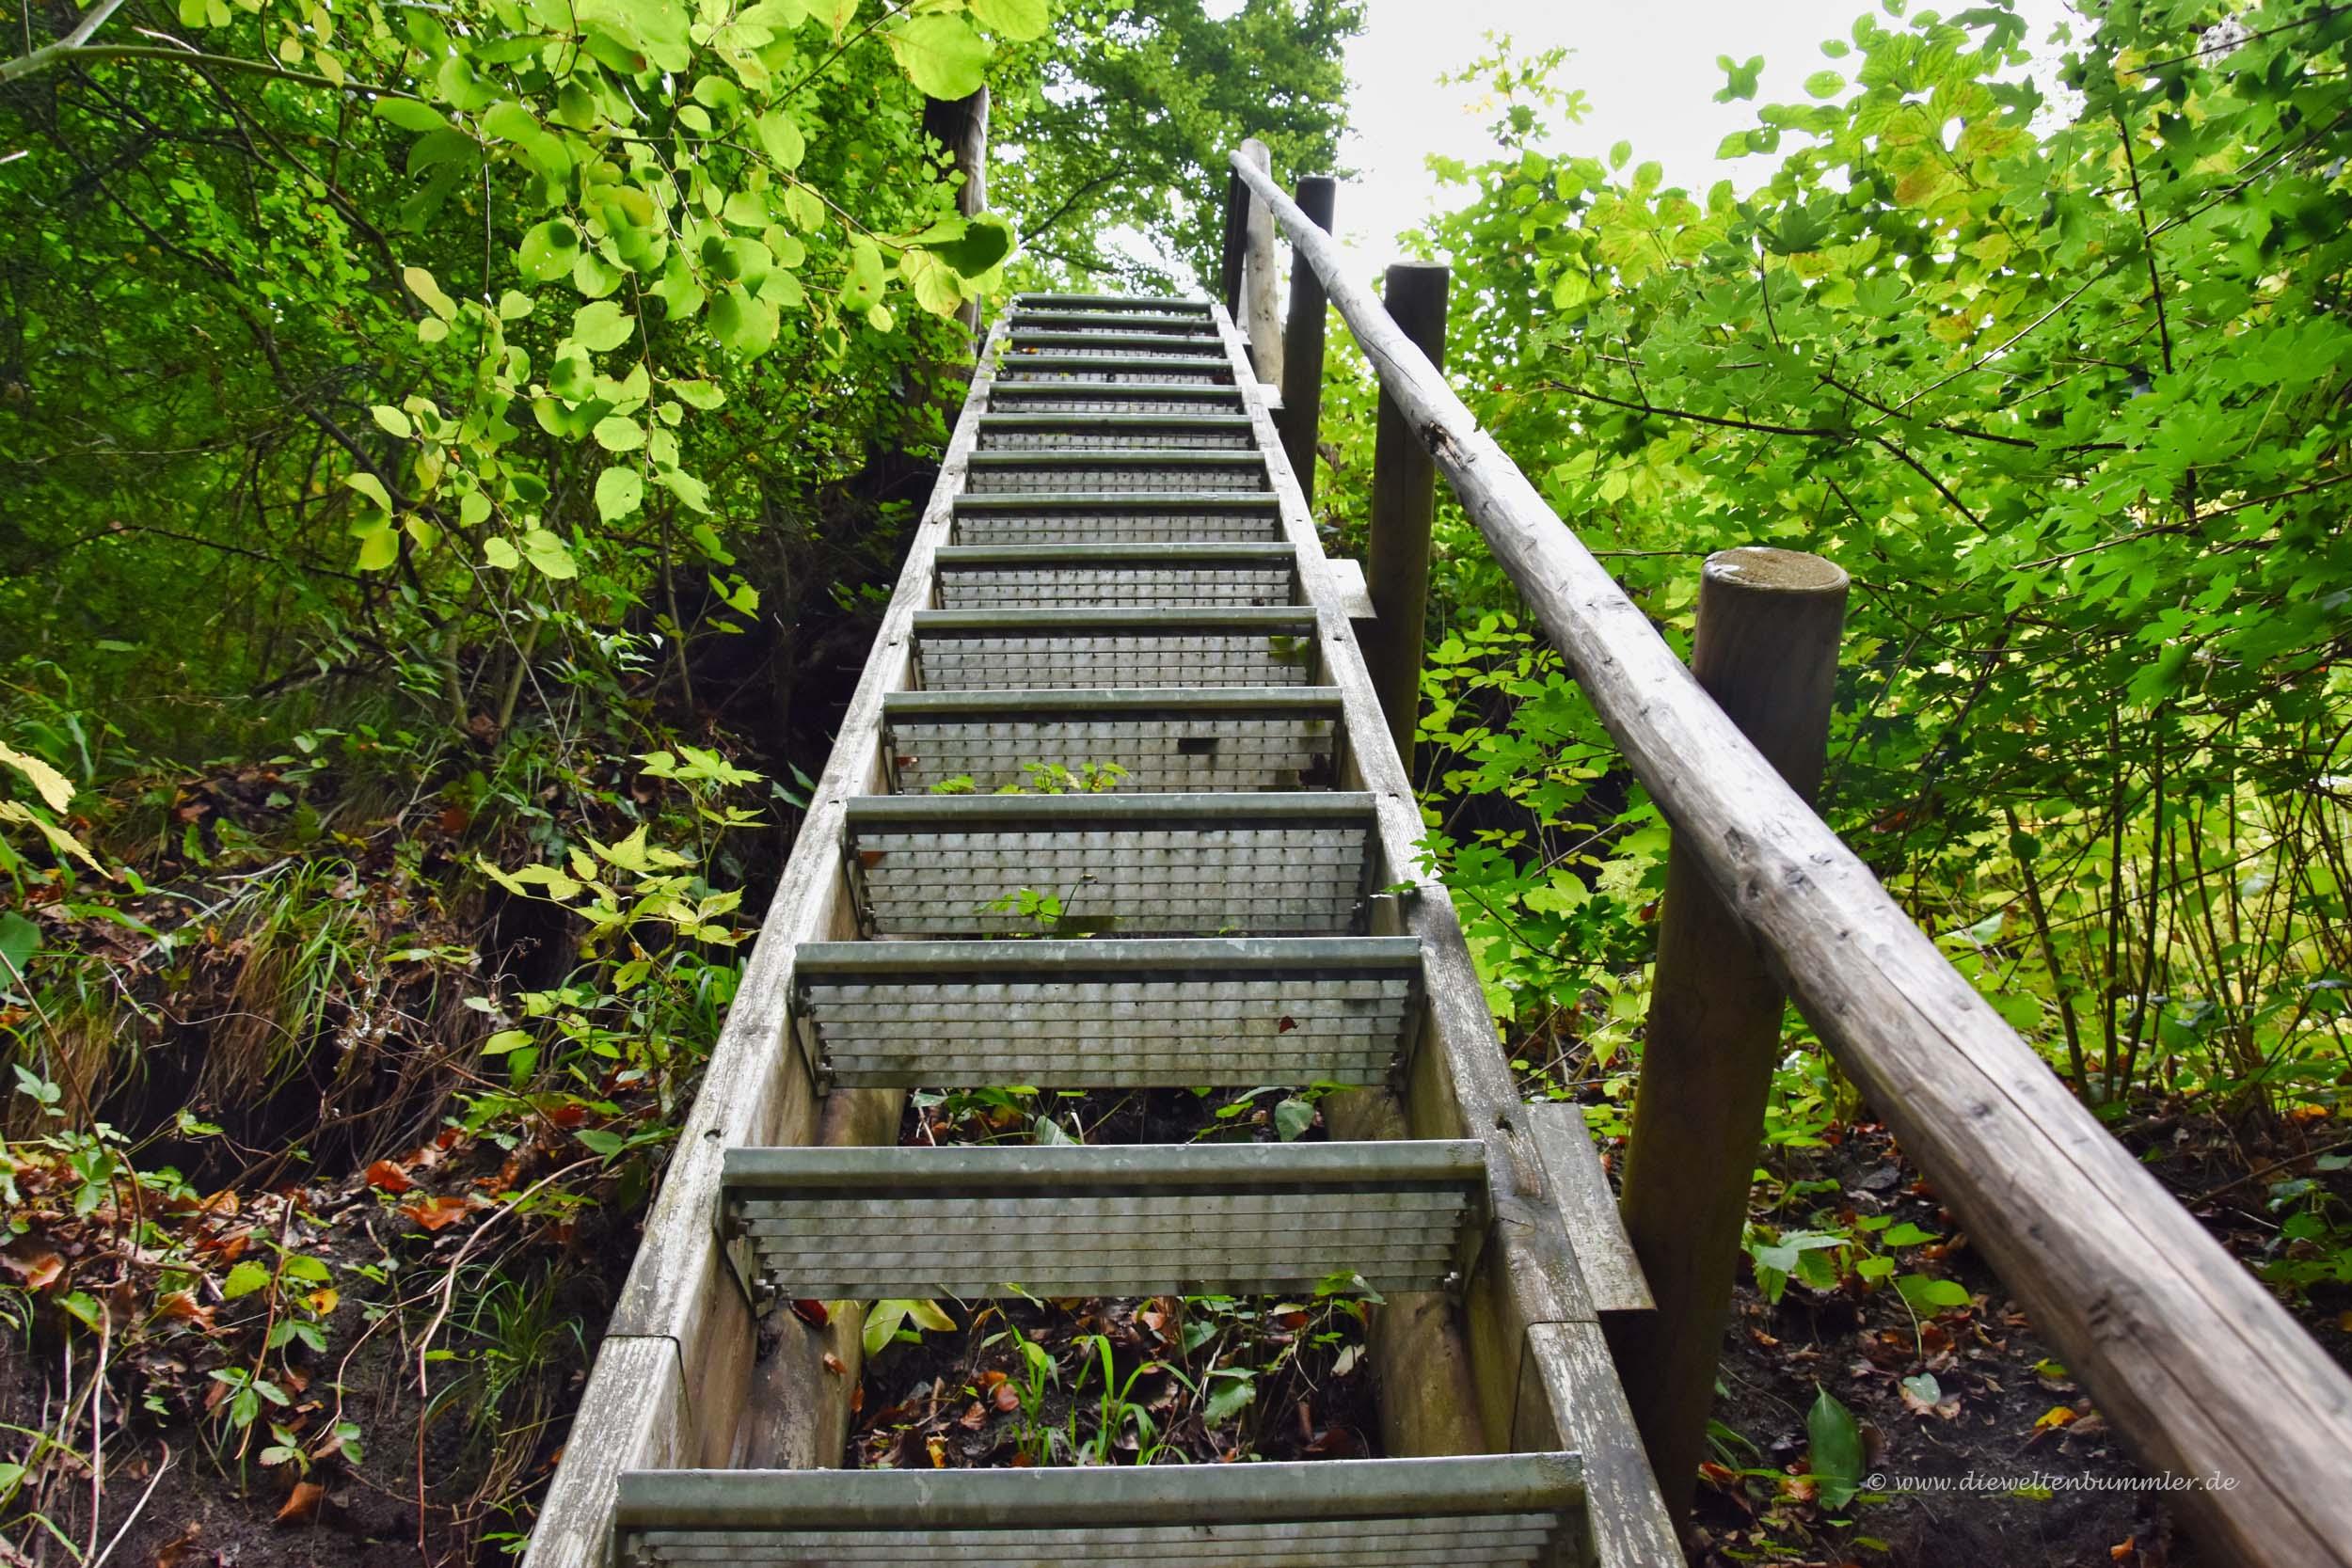 Steile Treppe von unten